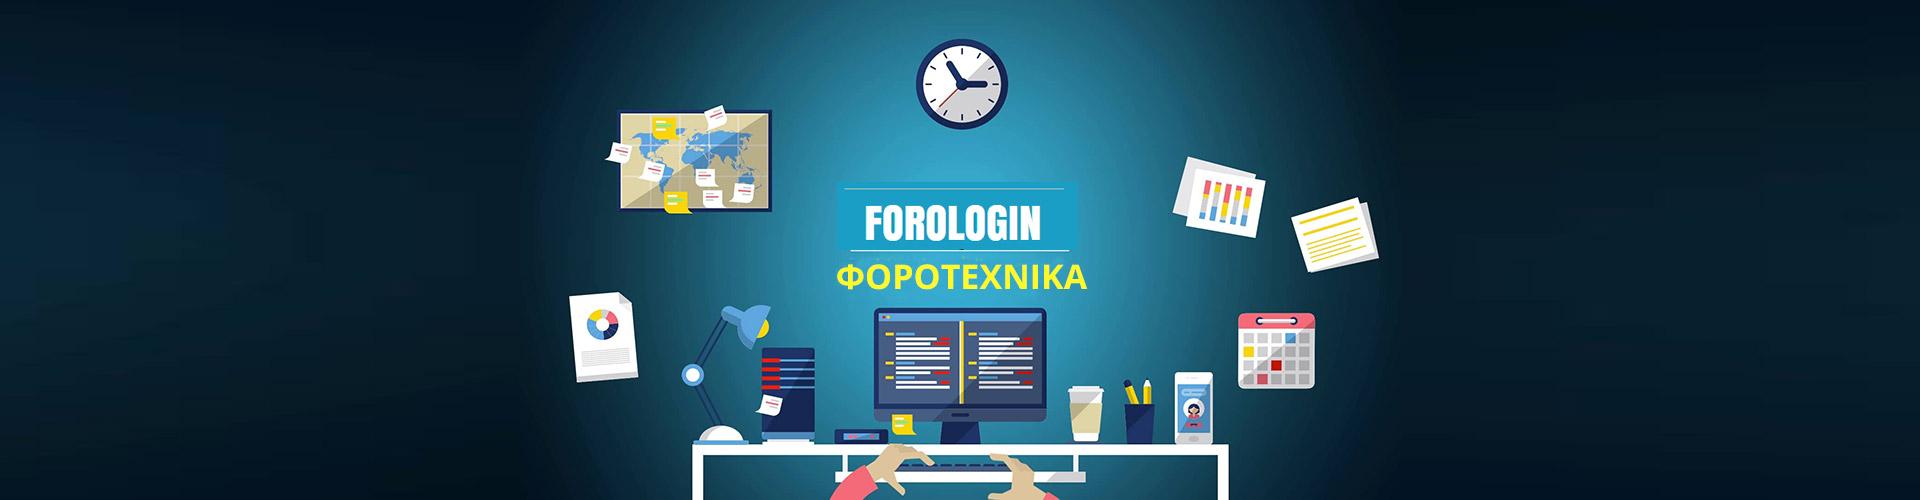 Λογιστικό γραφείο Αθήνα, Ωρωπός Αττικής, Φοροτεχνικές υπηρεσίες